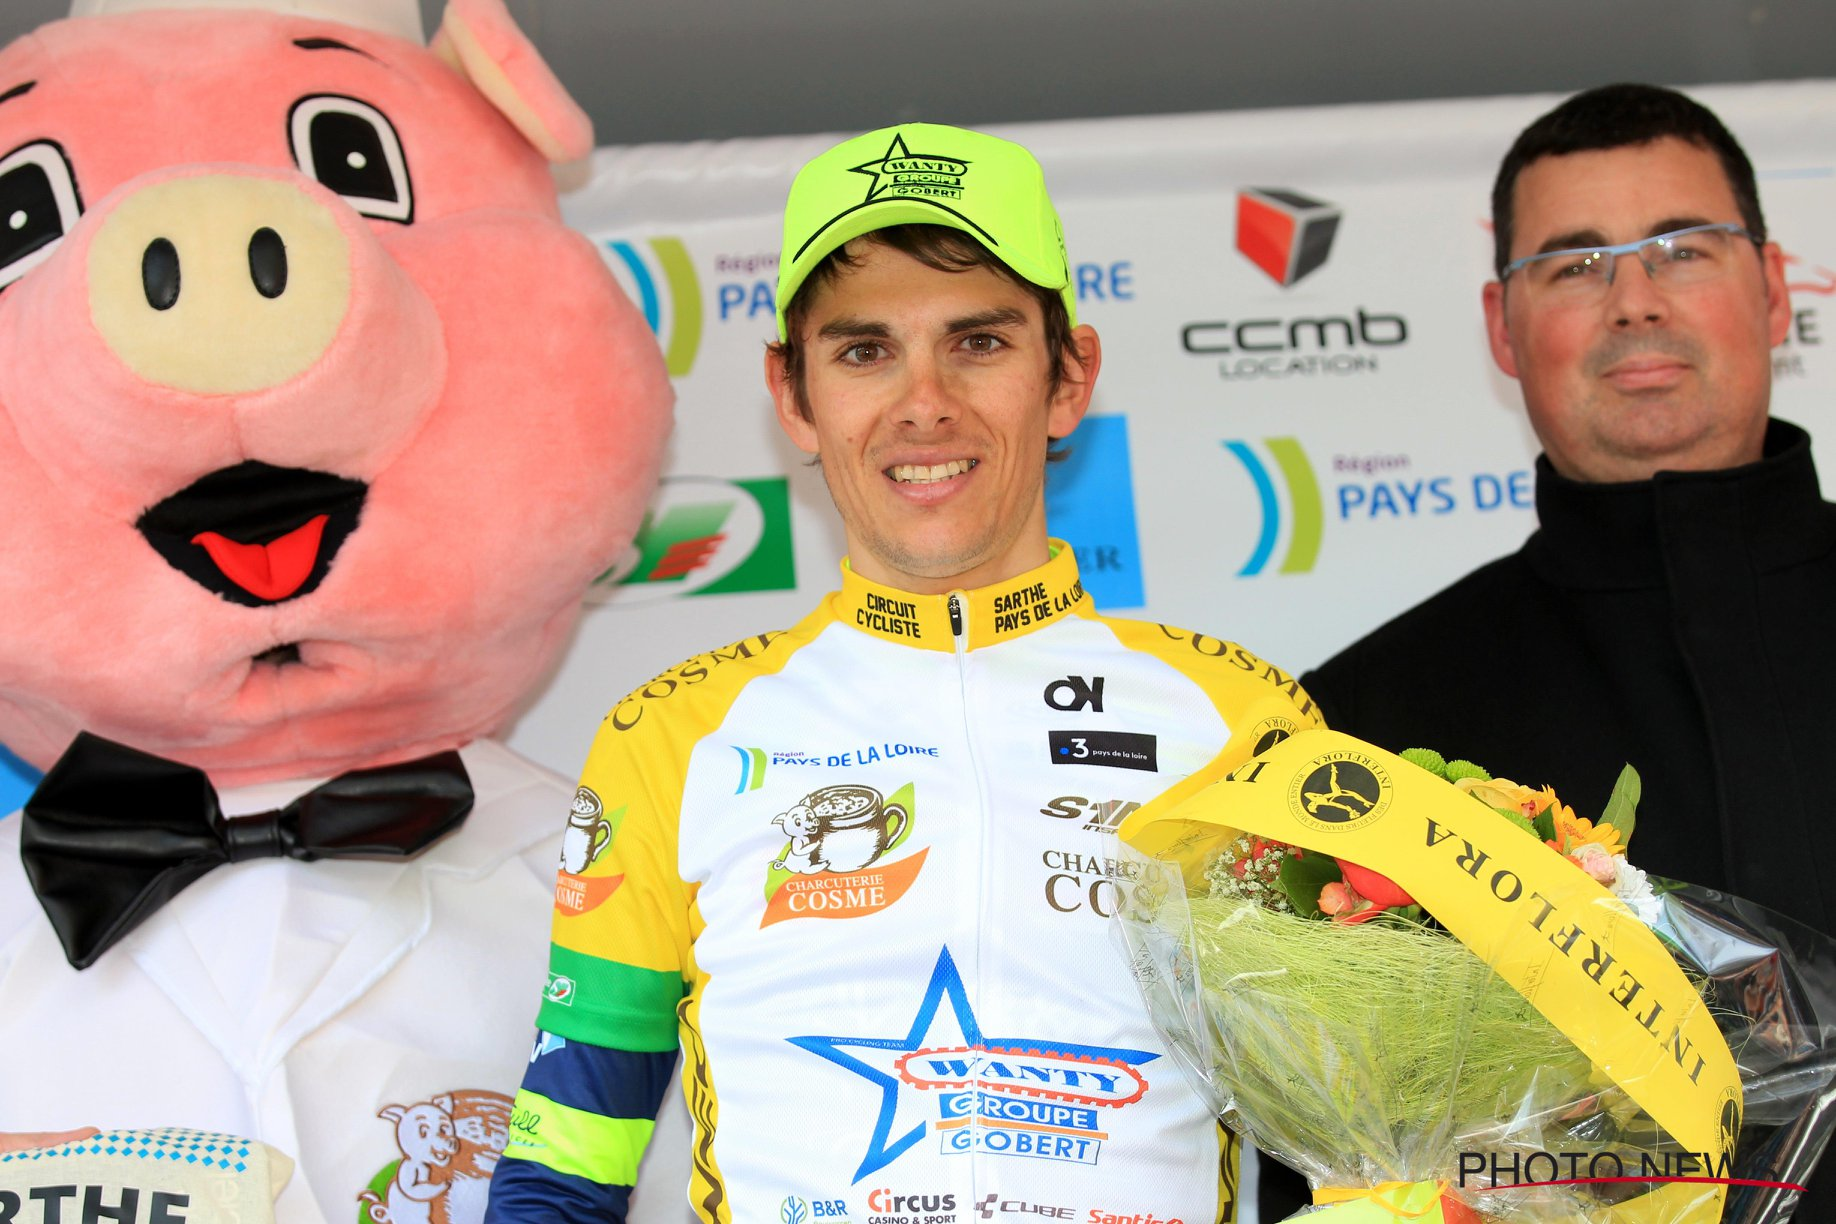 Guillaume Martin endosse le maillot jaune de leader à l'issue de la troisième étape et ne le quittera plus. © Photo News